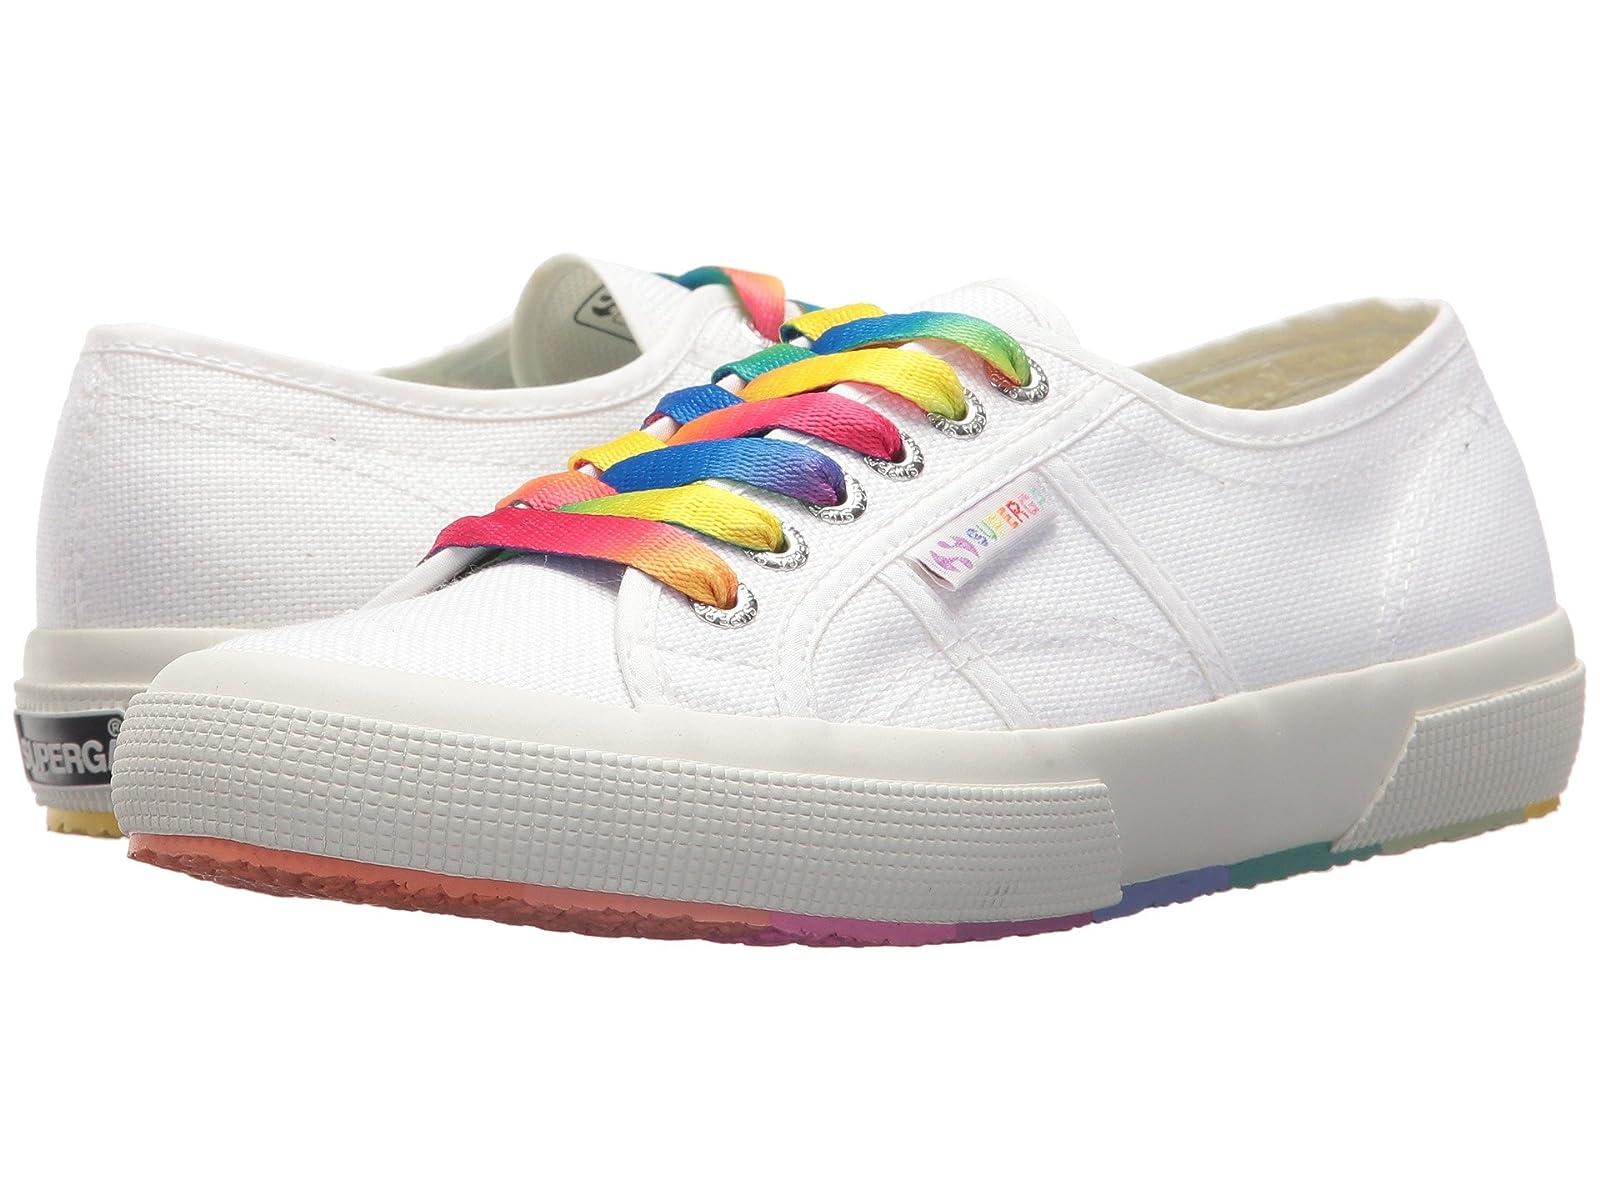 Superga 2750 2750 Superga COTW Multicolors Outsole Sneaker 12e45f